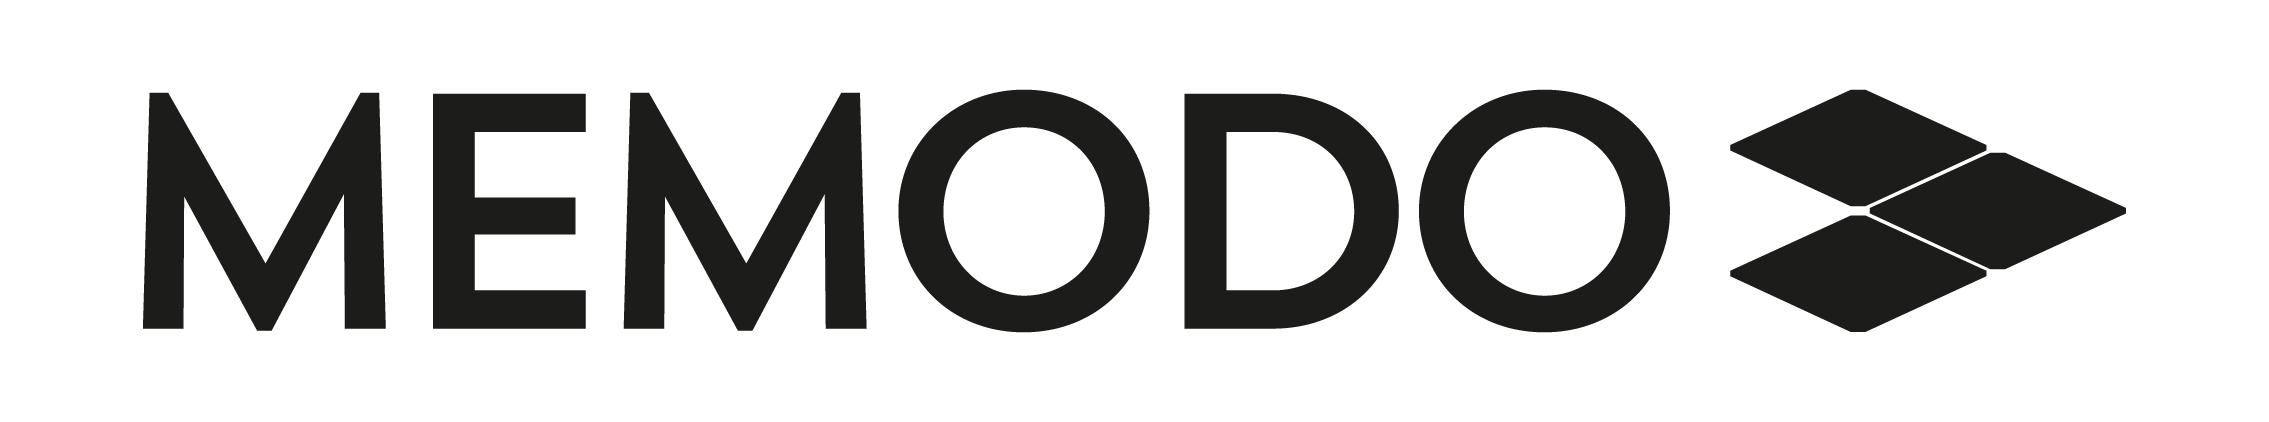 Memodo Speichertage